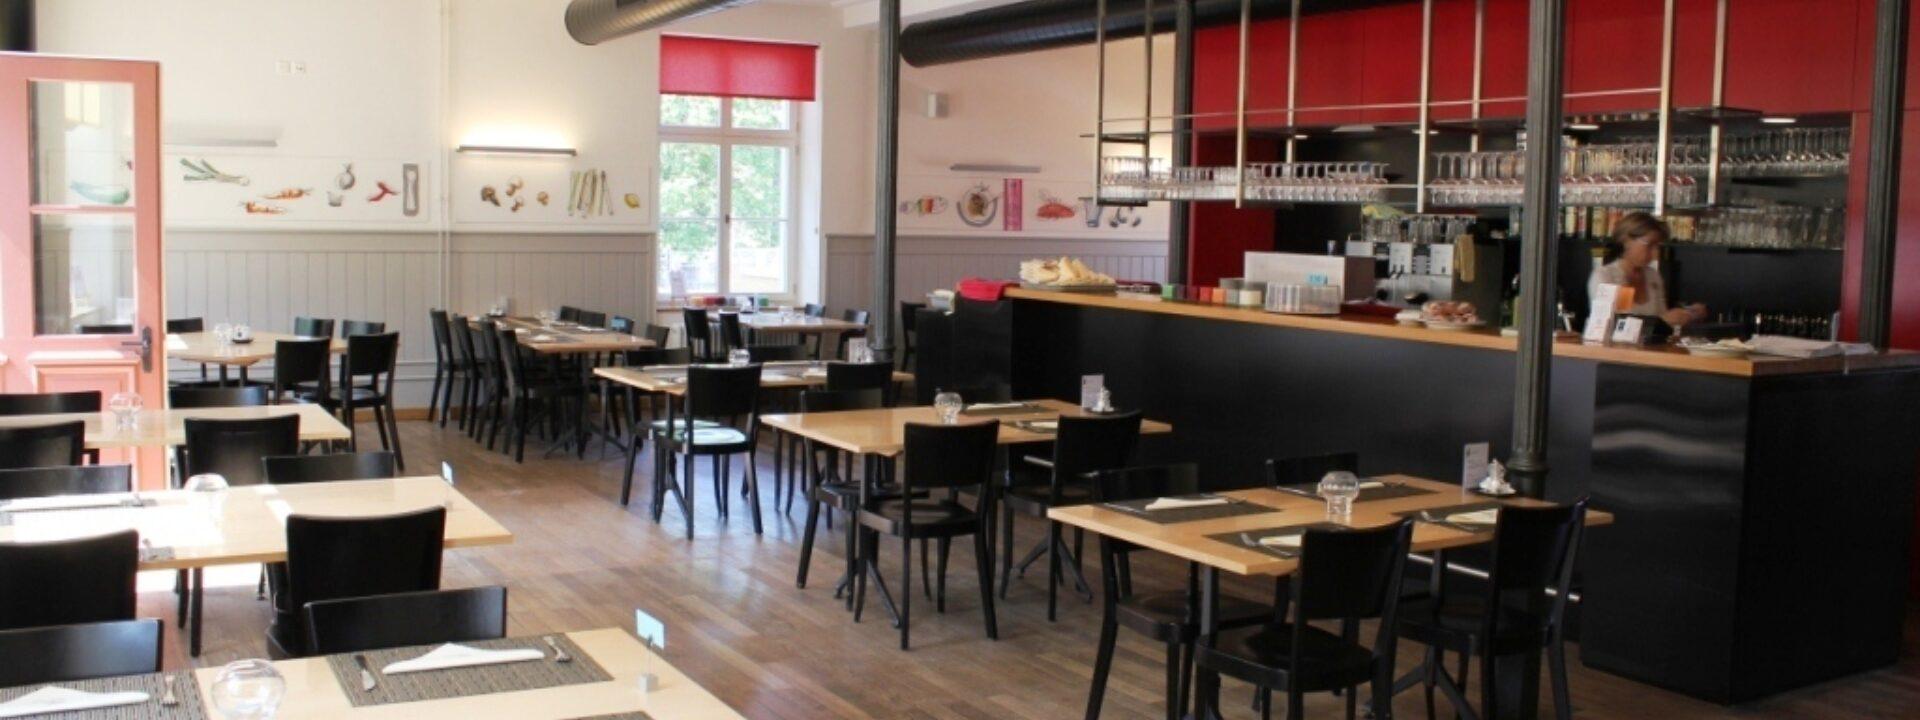 Restaurant Kaserne